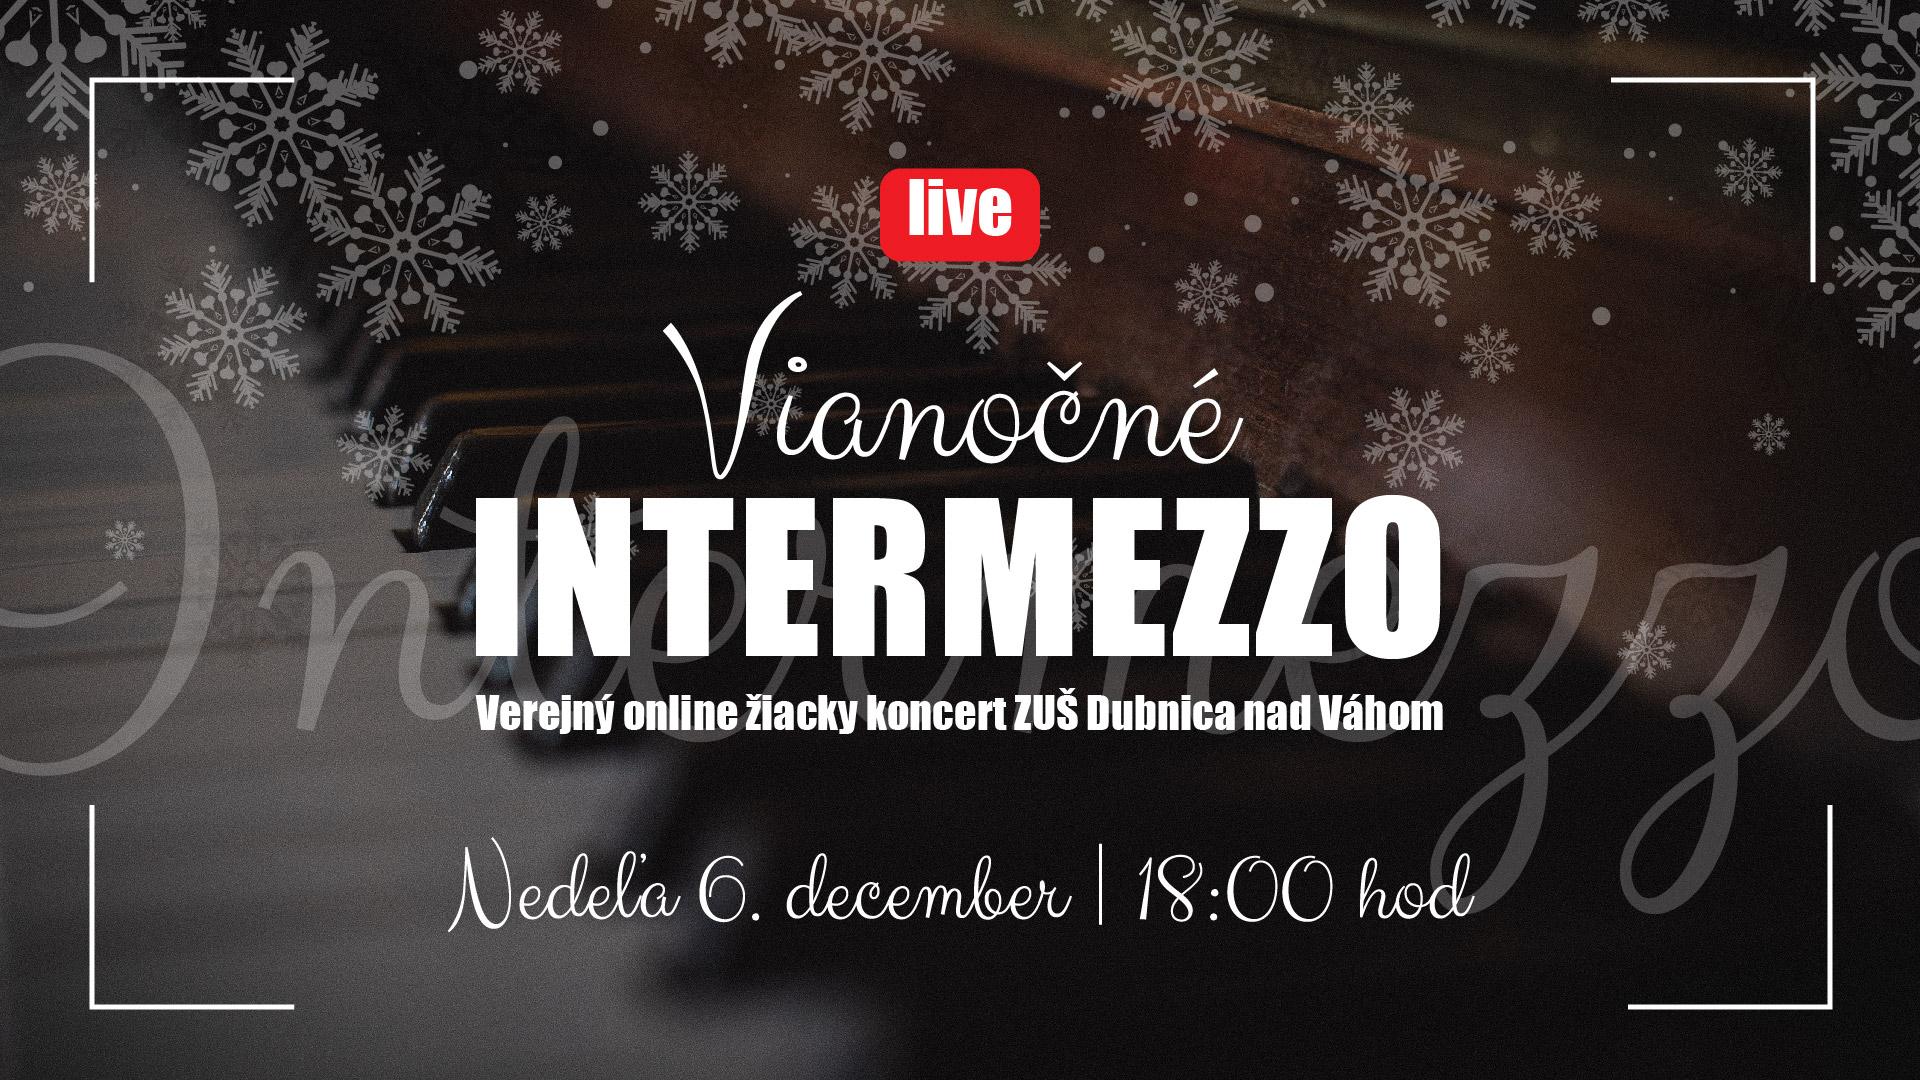 Vianočné intermezzo ZUŠ dubnica nad Váhom, prv časť decembrového špeciálu.